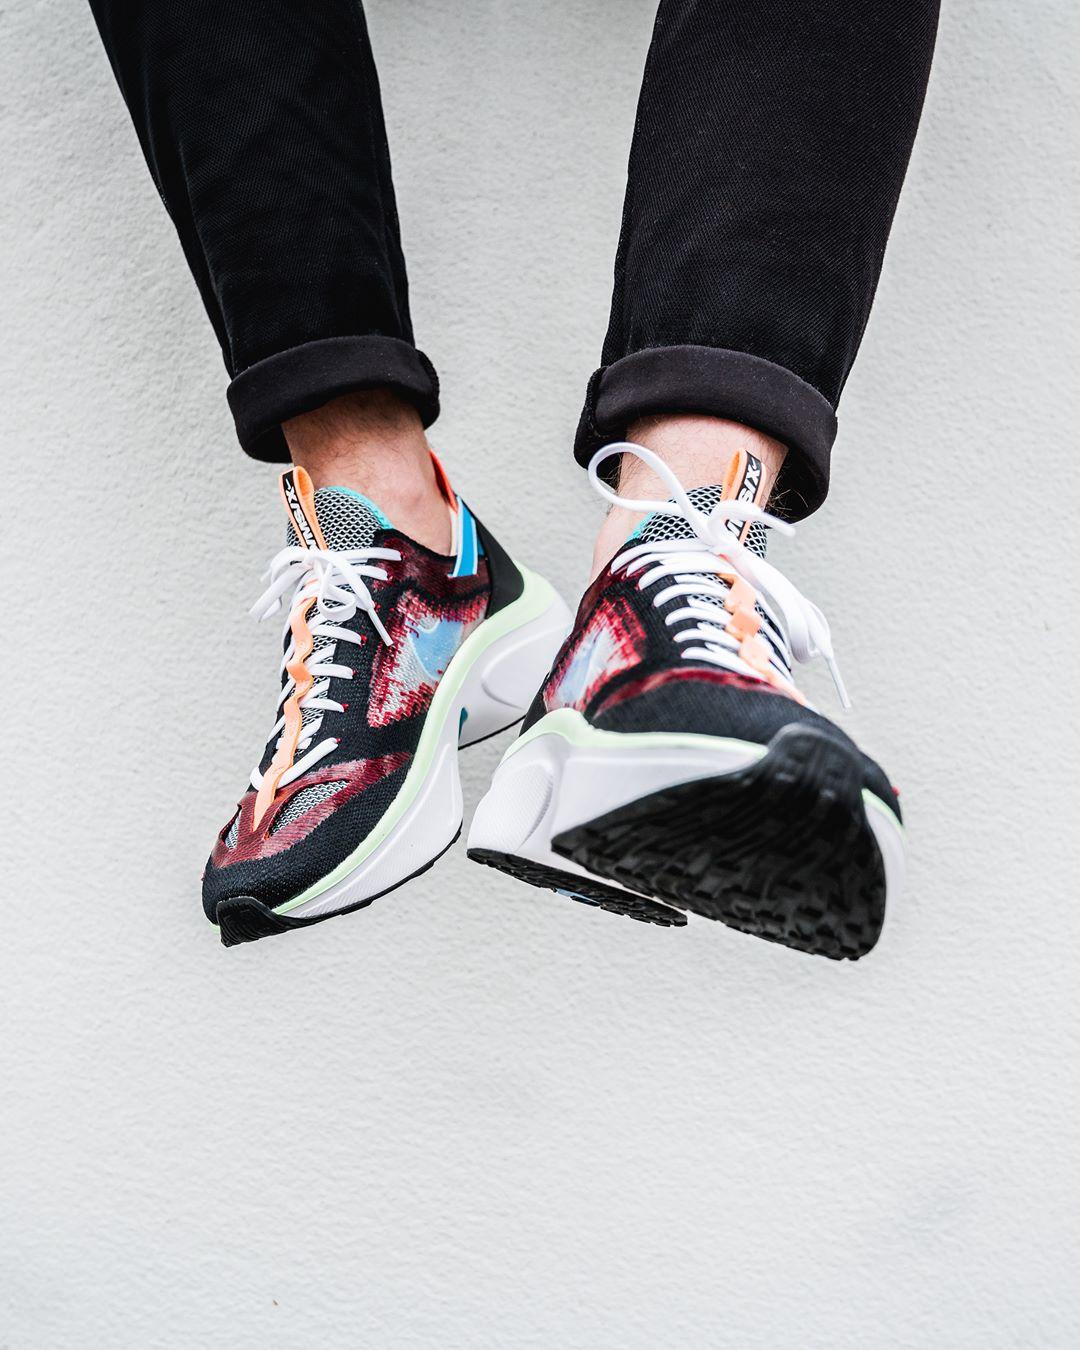 Nike N110 D/MS/X DIMSIX